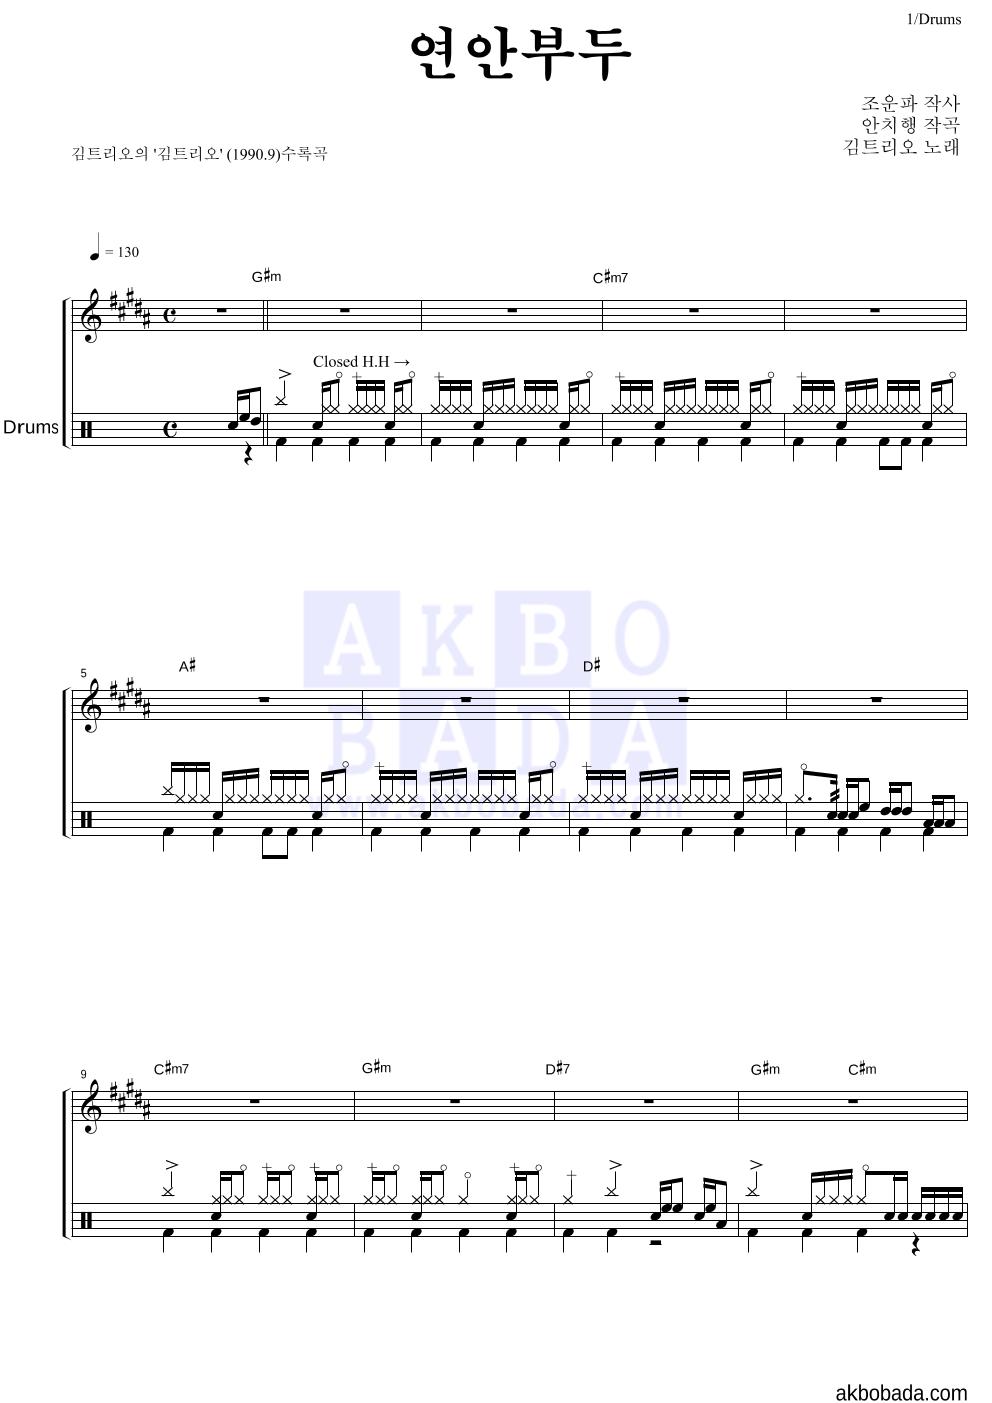 김트리오 - 연안부두 드럼 악보